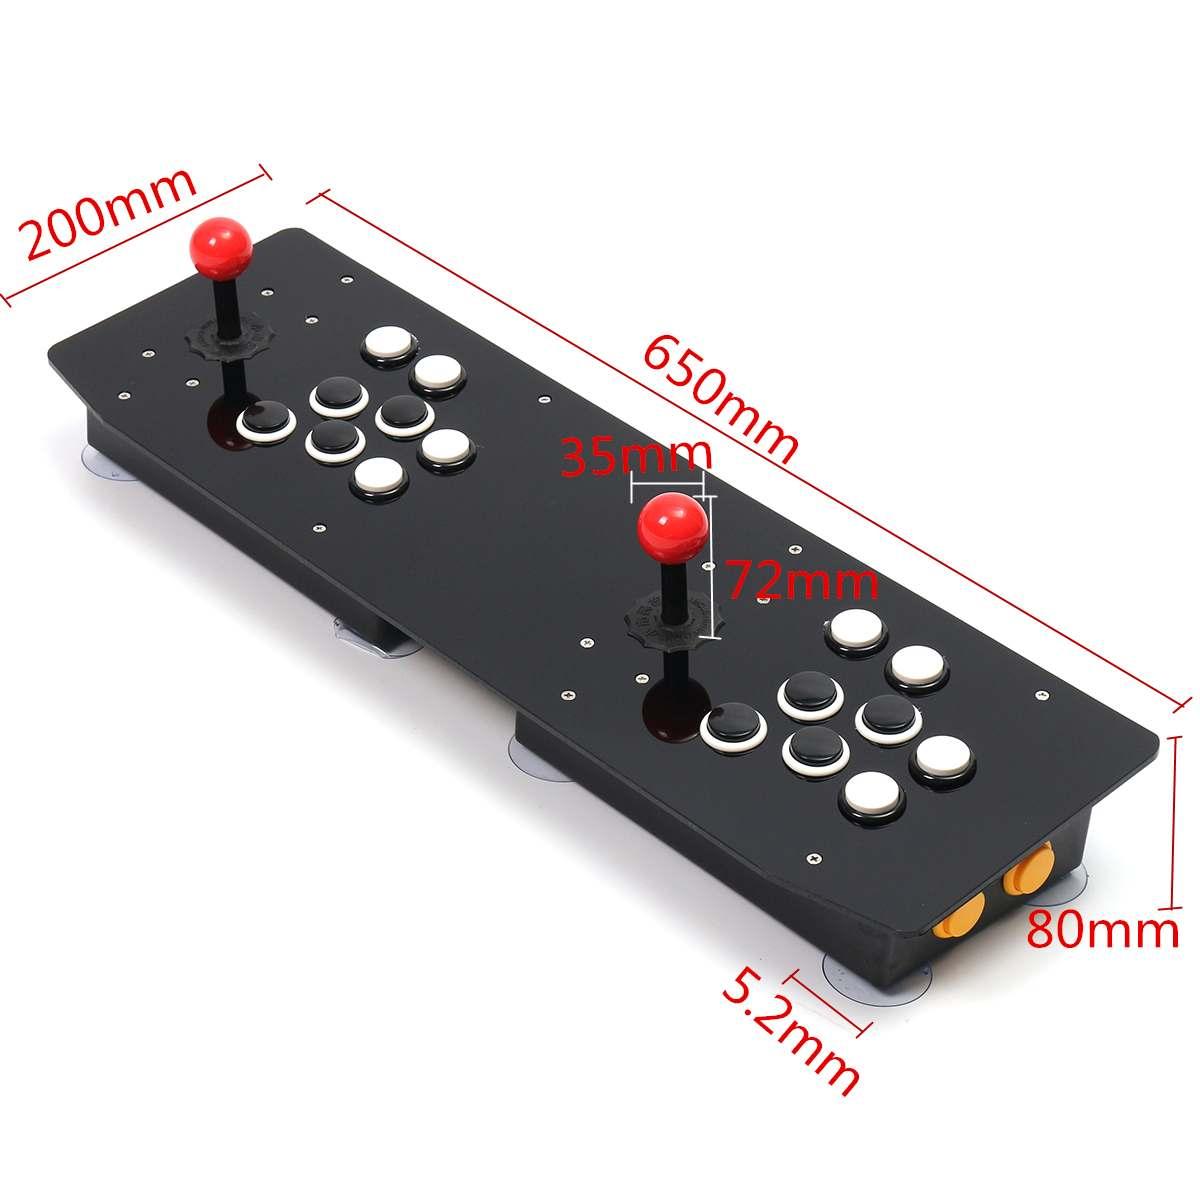 Double bâton d'arcade jeu vidéo manette contrôleur Console PC USB 2 joueurs ordinateur Machine de jeu vidéo jeu accessoires de jeu - 2